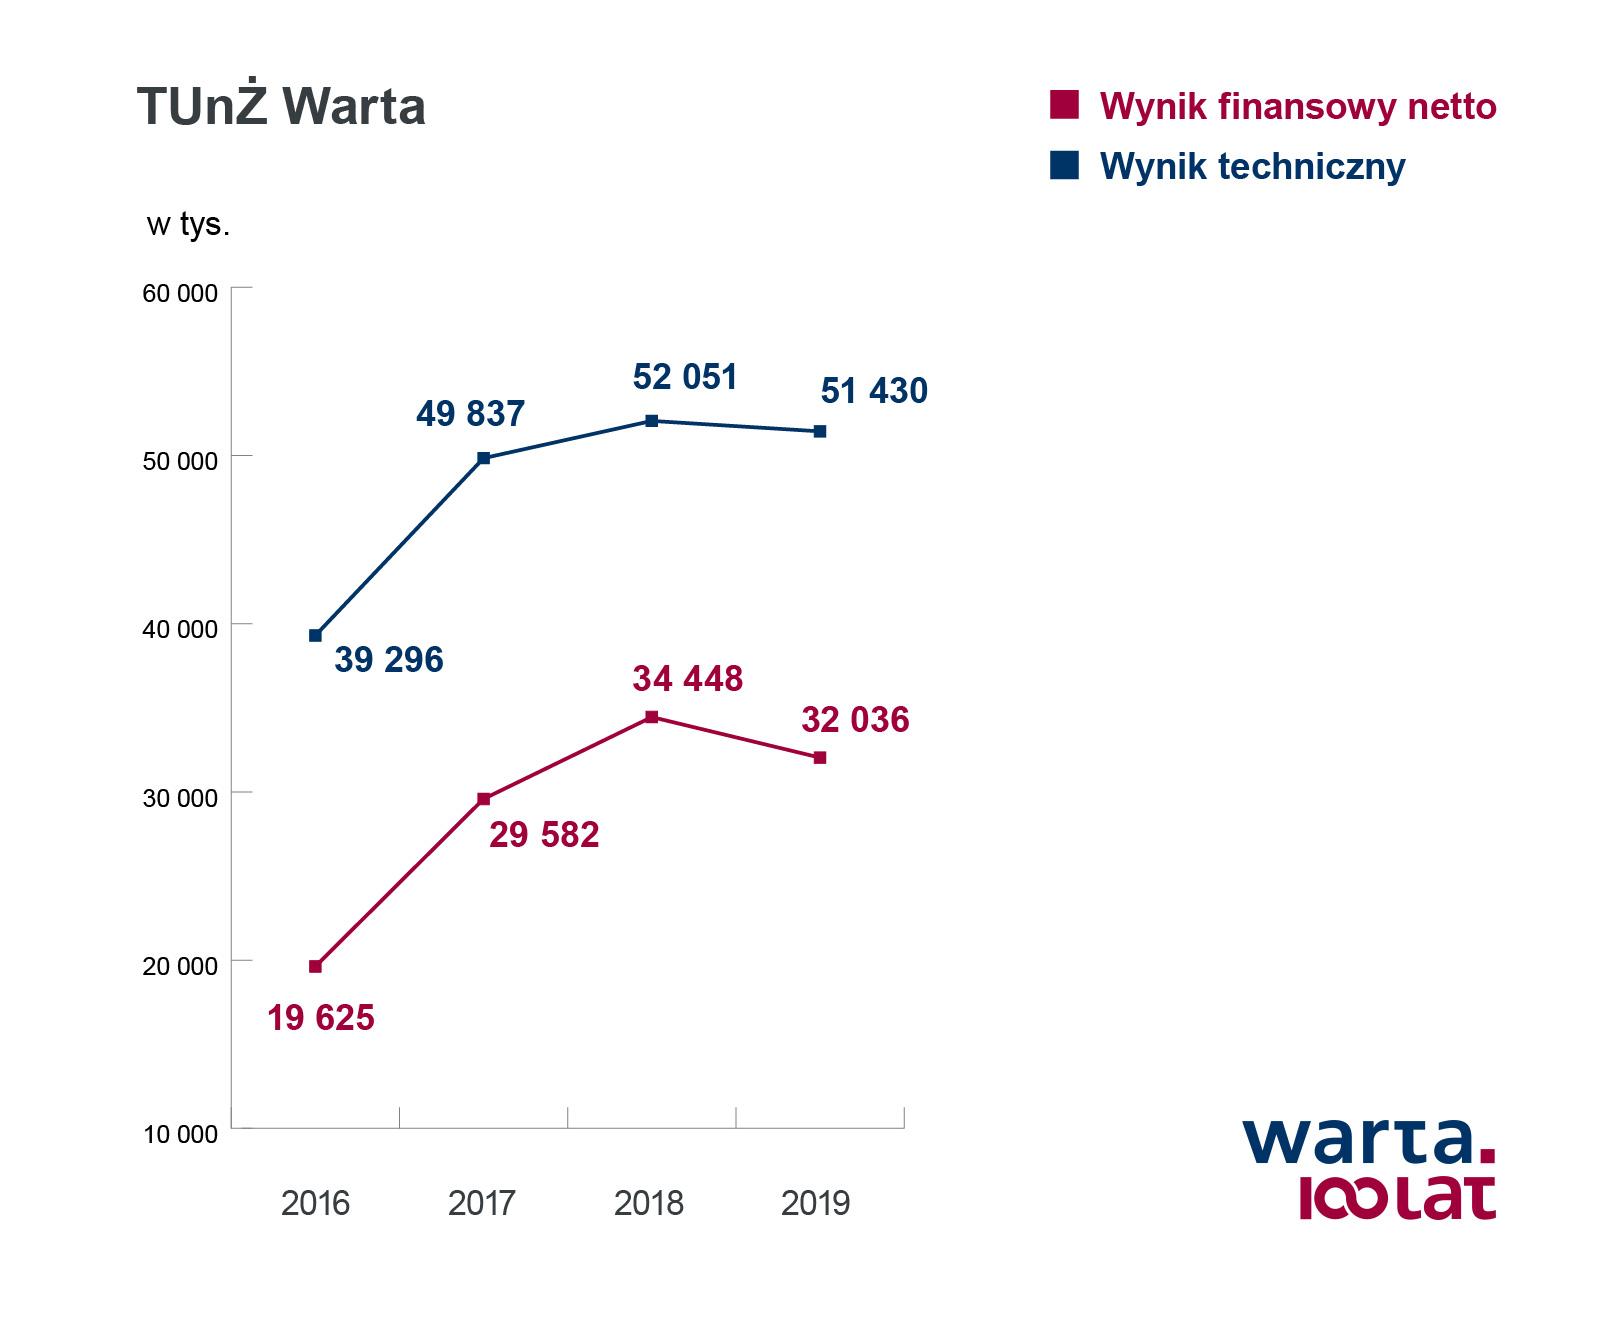 TUnZ_Warta_wynik_finansowy